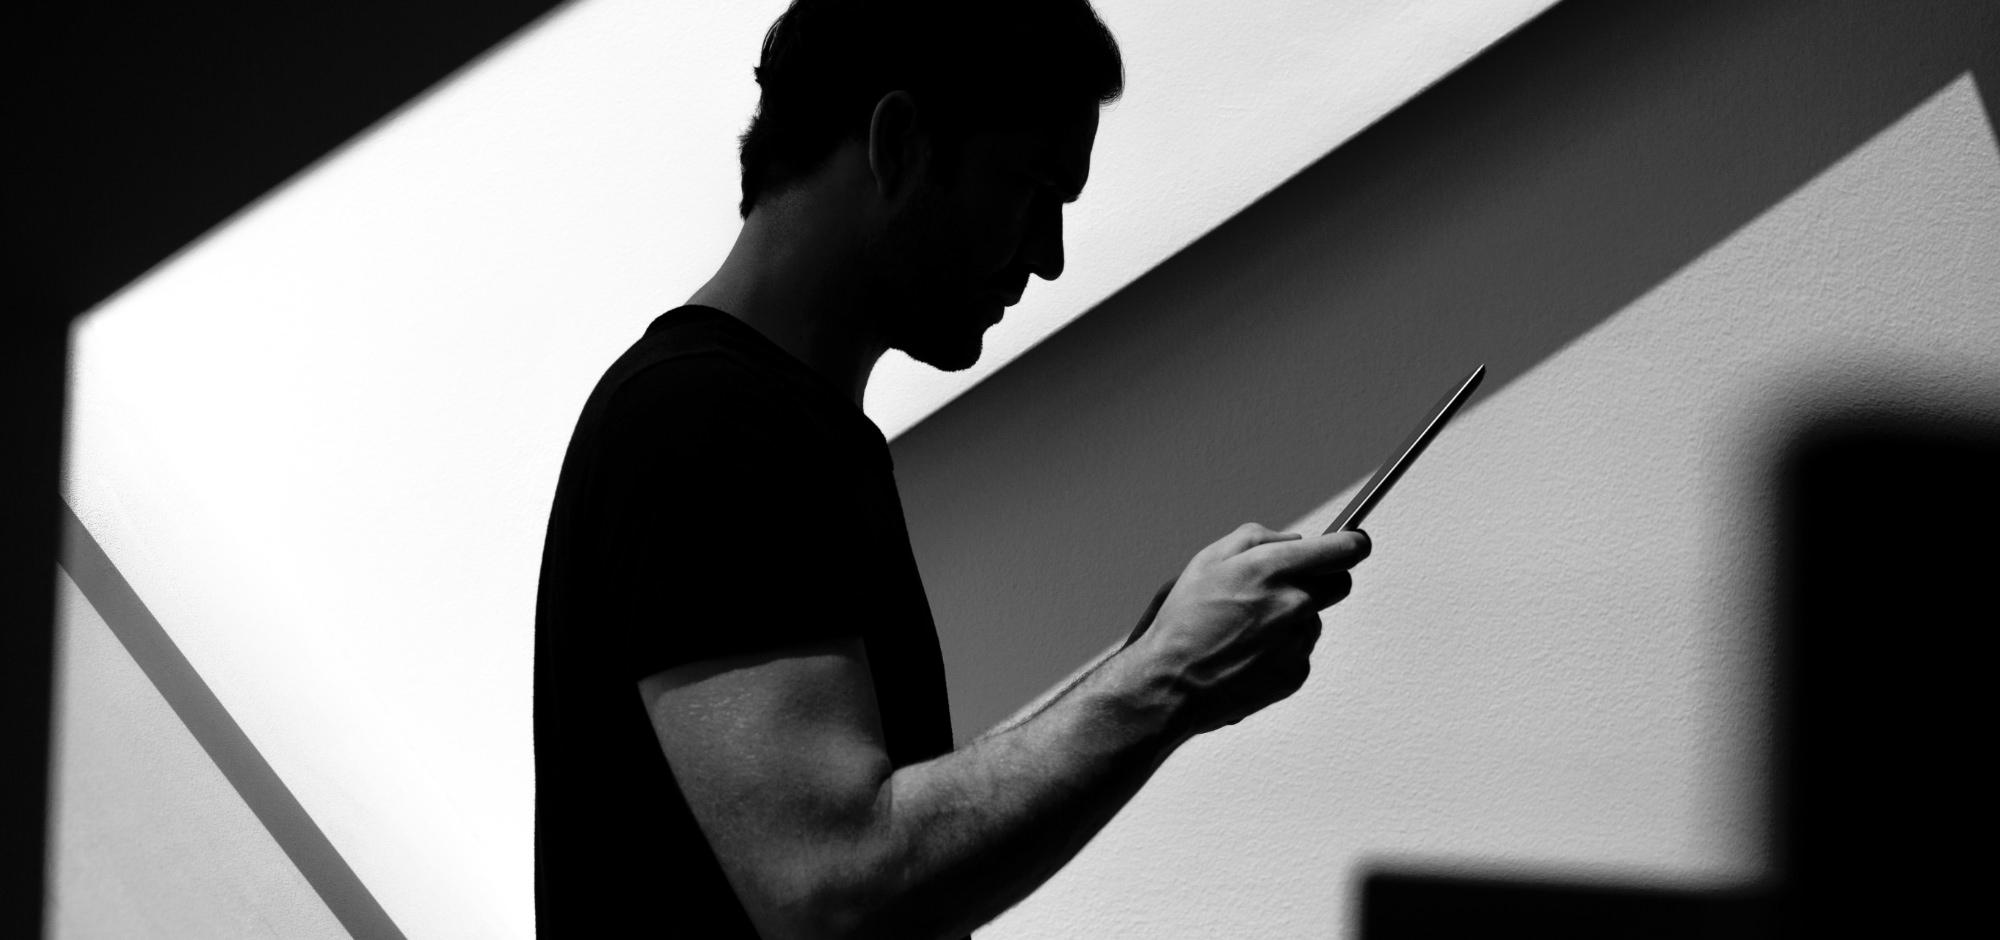 Kollege erledigt Kundenwünsche am Tablet unter Dachschräge in Schwarz-Weiß